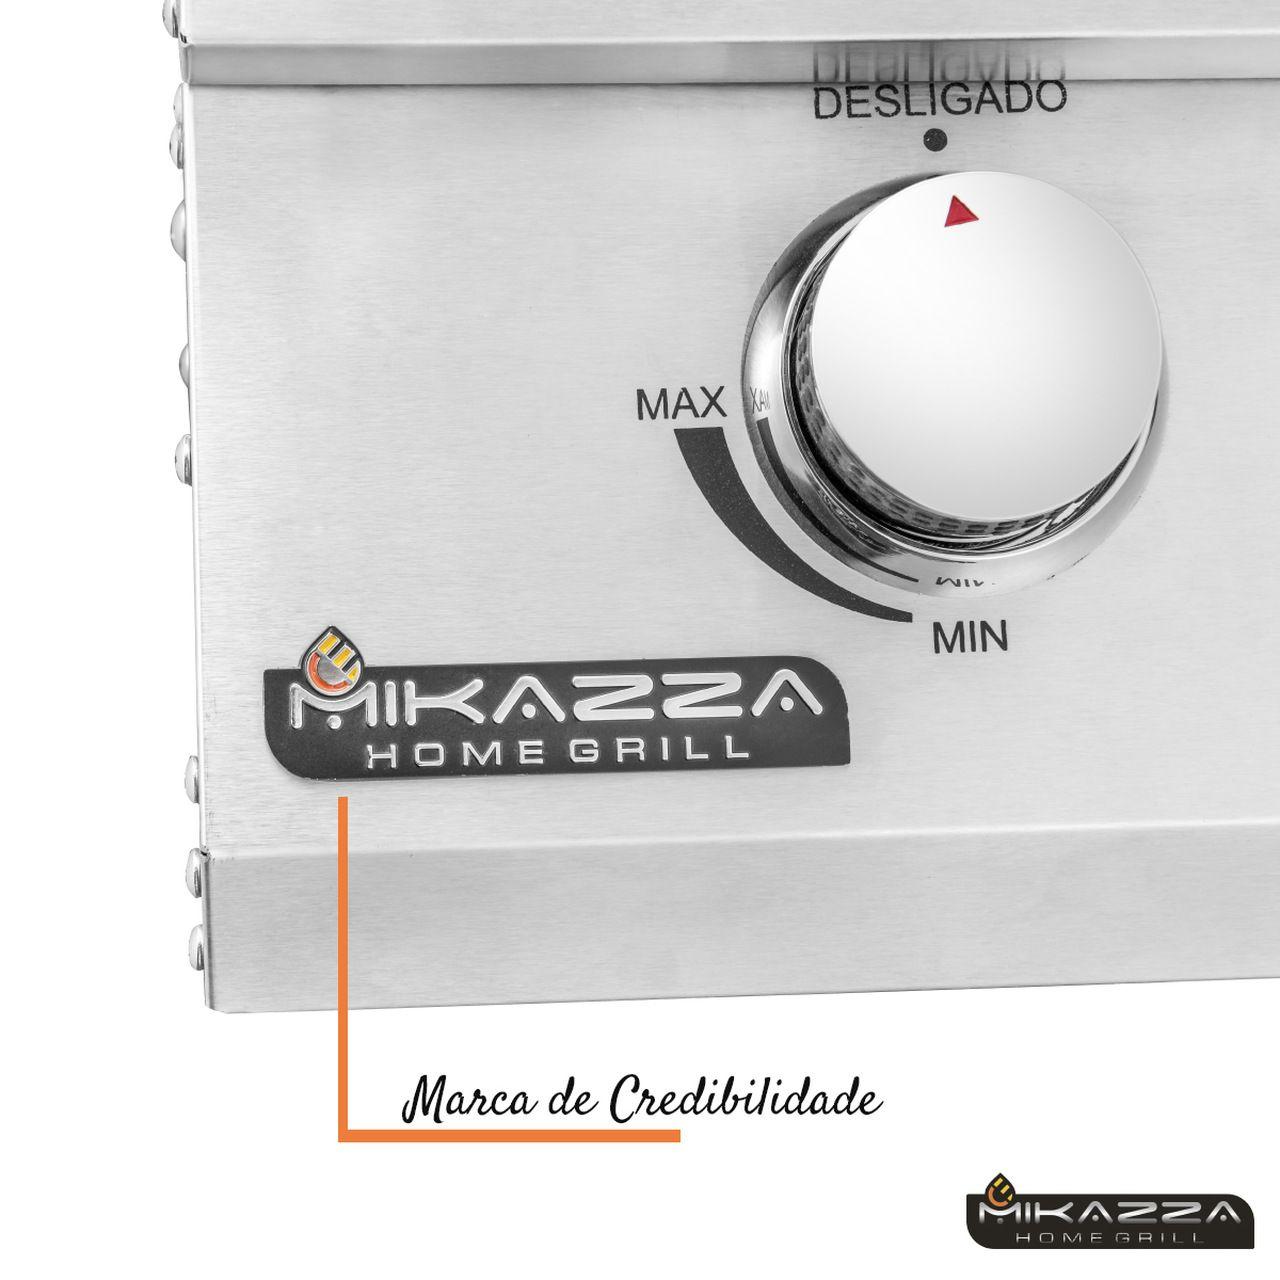 Churrasqueira à Gás Embutir Mikazza Pro 3 Combo + Capa Protetora + Espeto Giratório + Boné